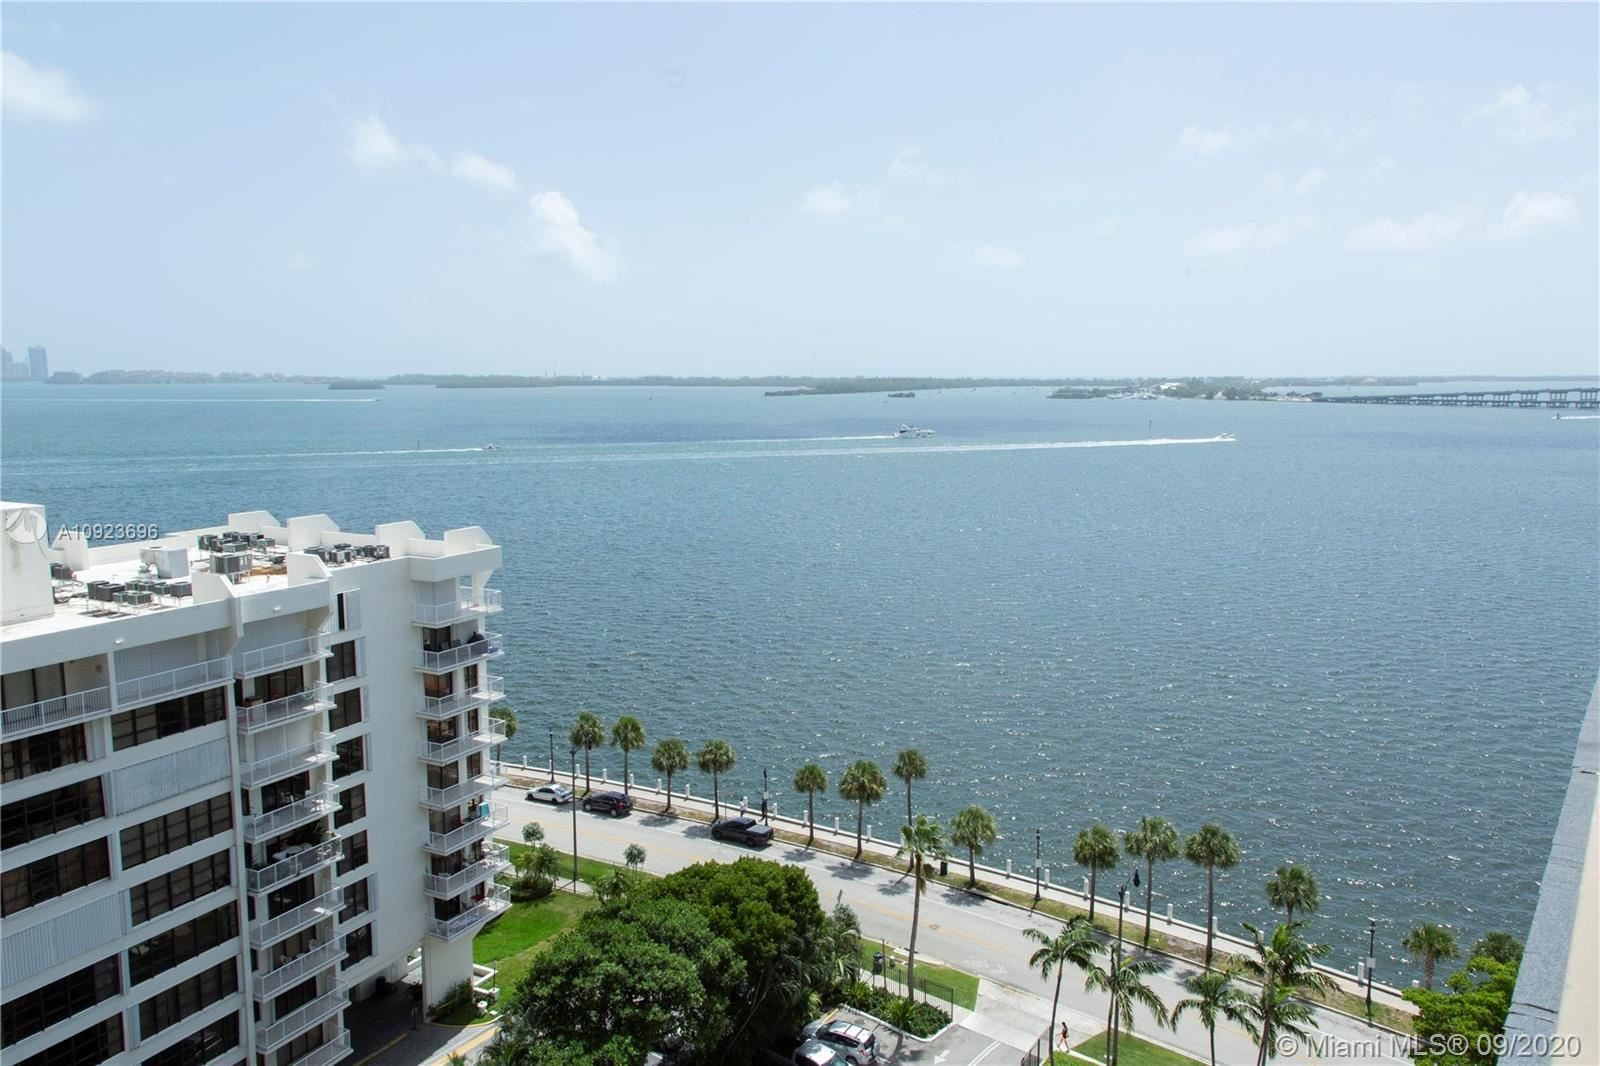 1450 BRICKELL BAY DR #1506, Miami, FL 33131 - #: A10923696